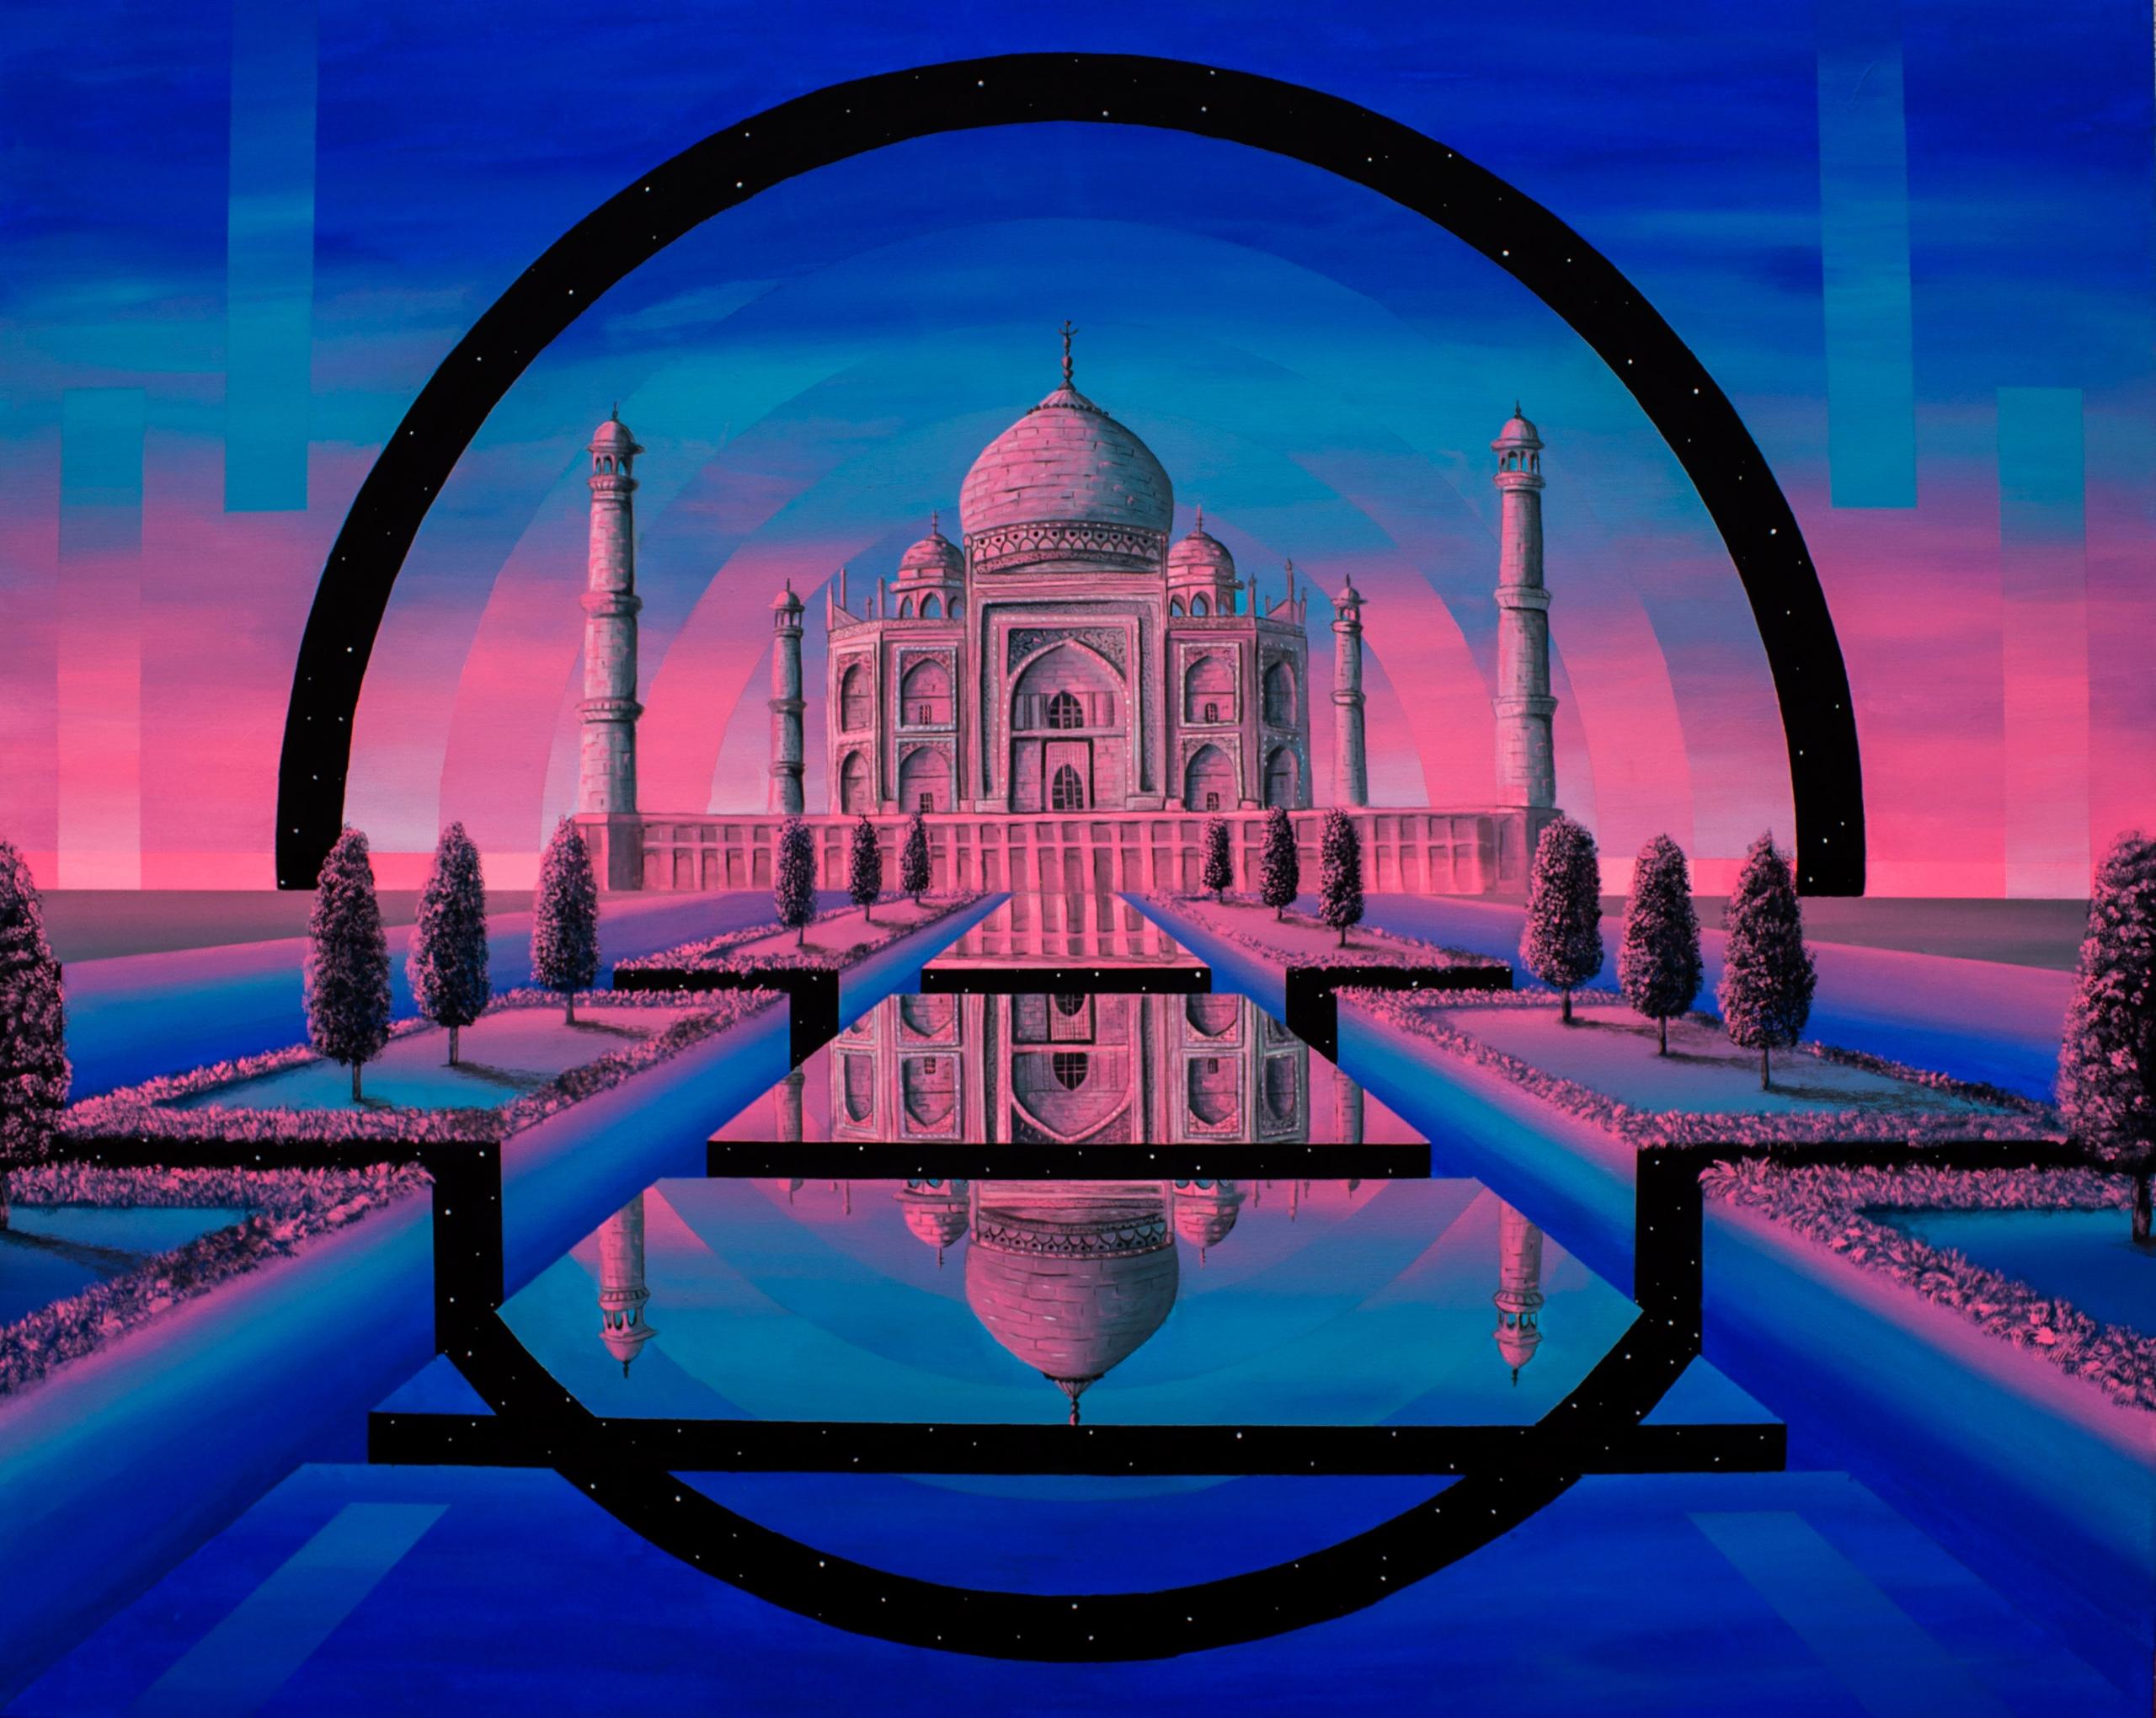 Taj Mahal Acrylic canvas 92 73  - irenelopezleon | ello